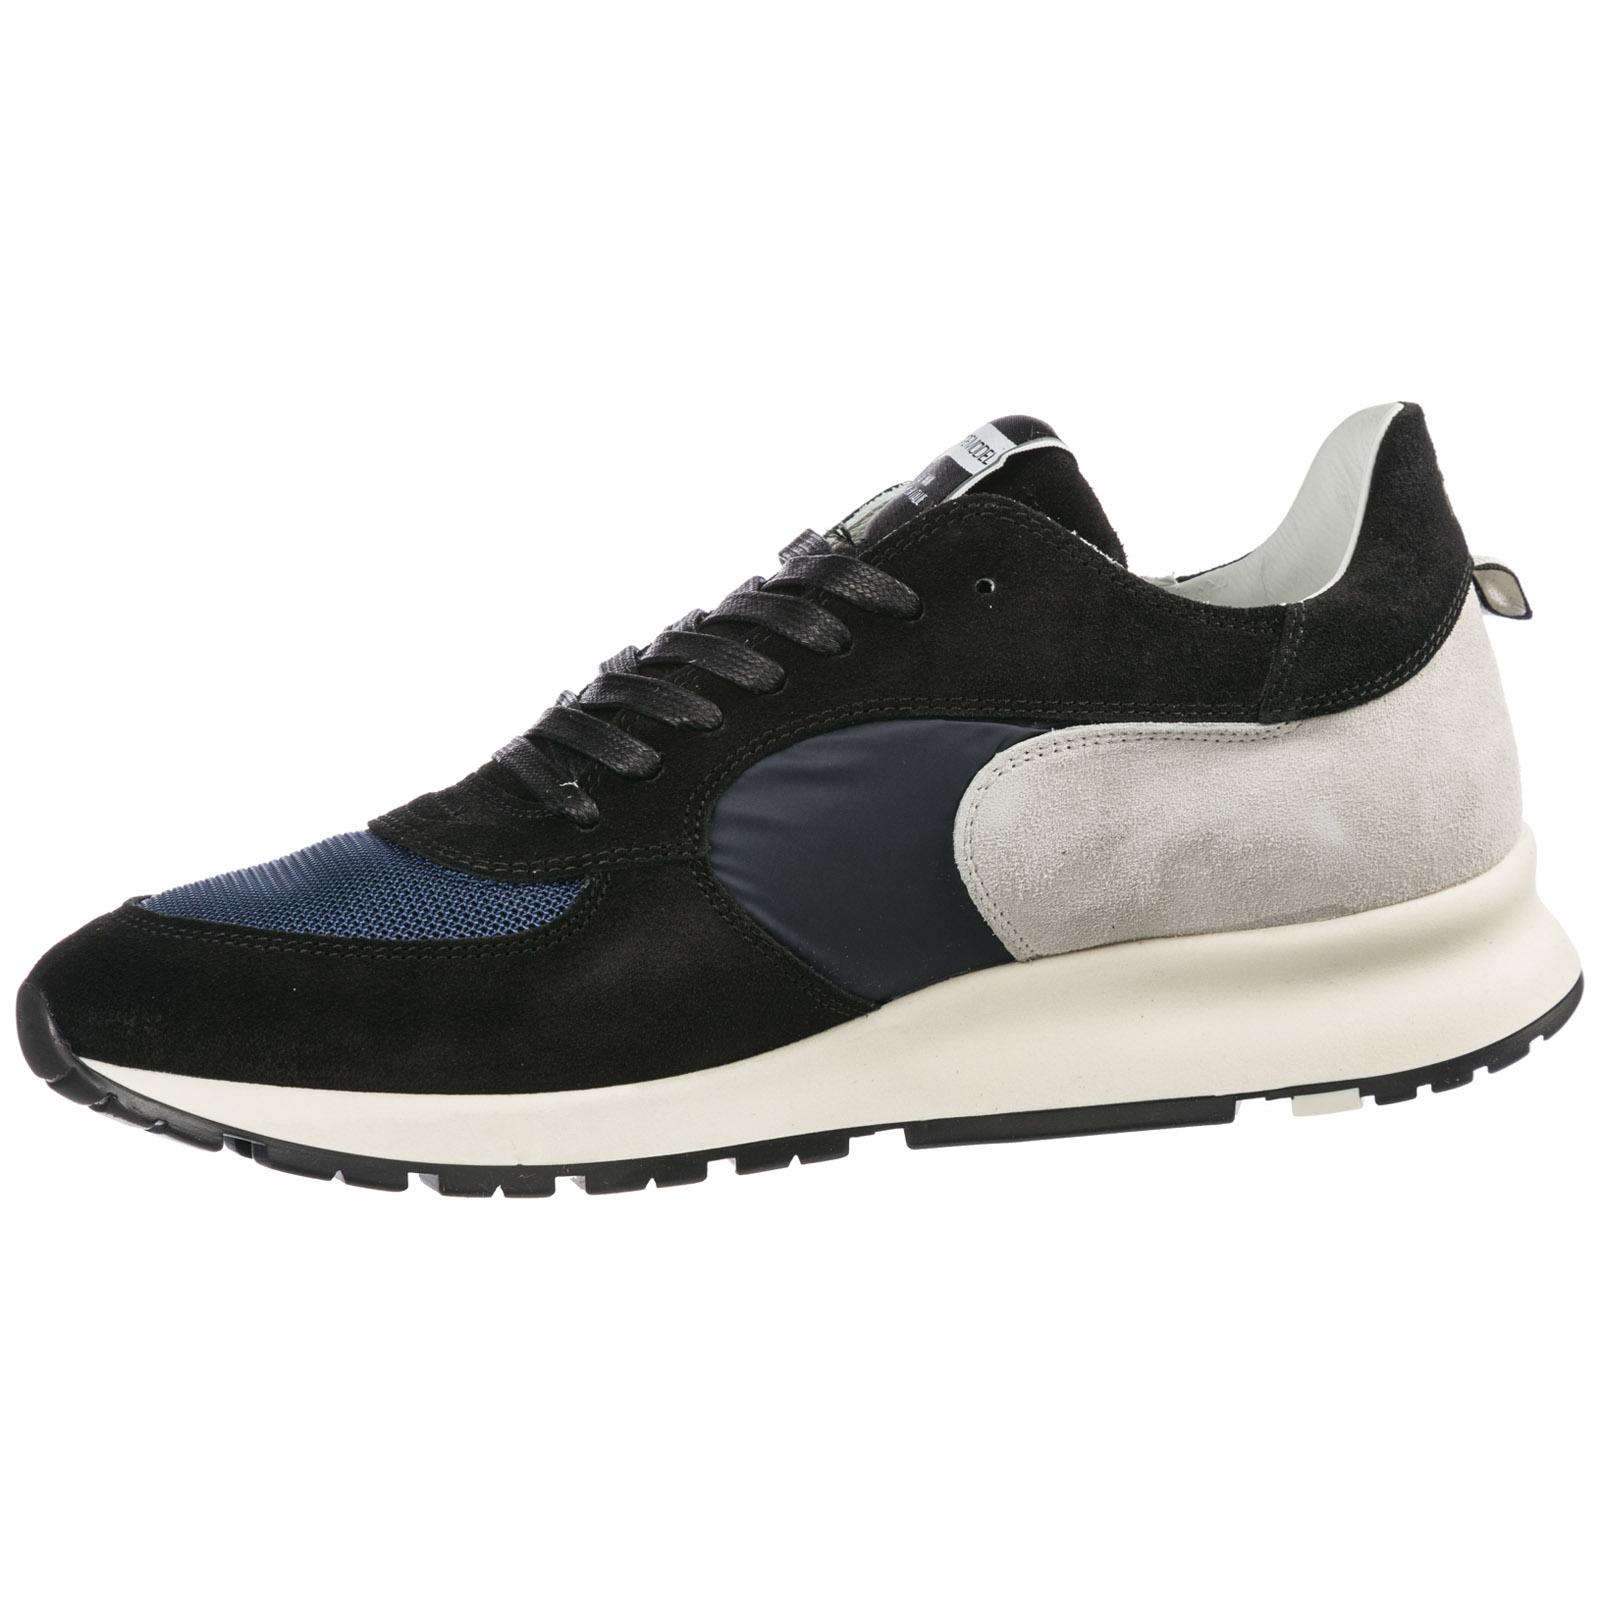 071751b1742107 ... Chaussures baskets sneakers homme en daim montecarlo ...